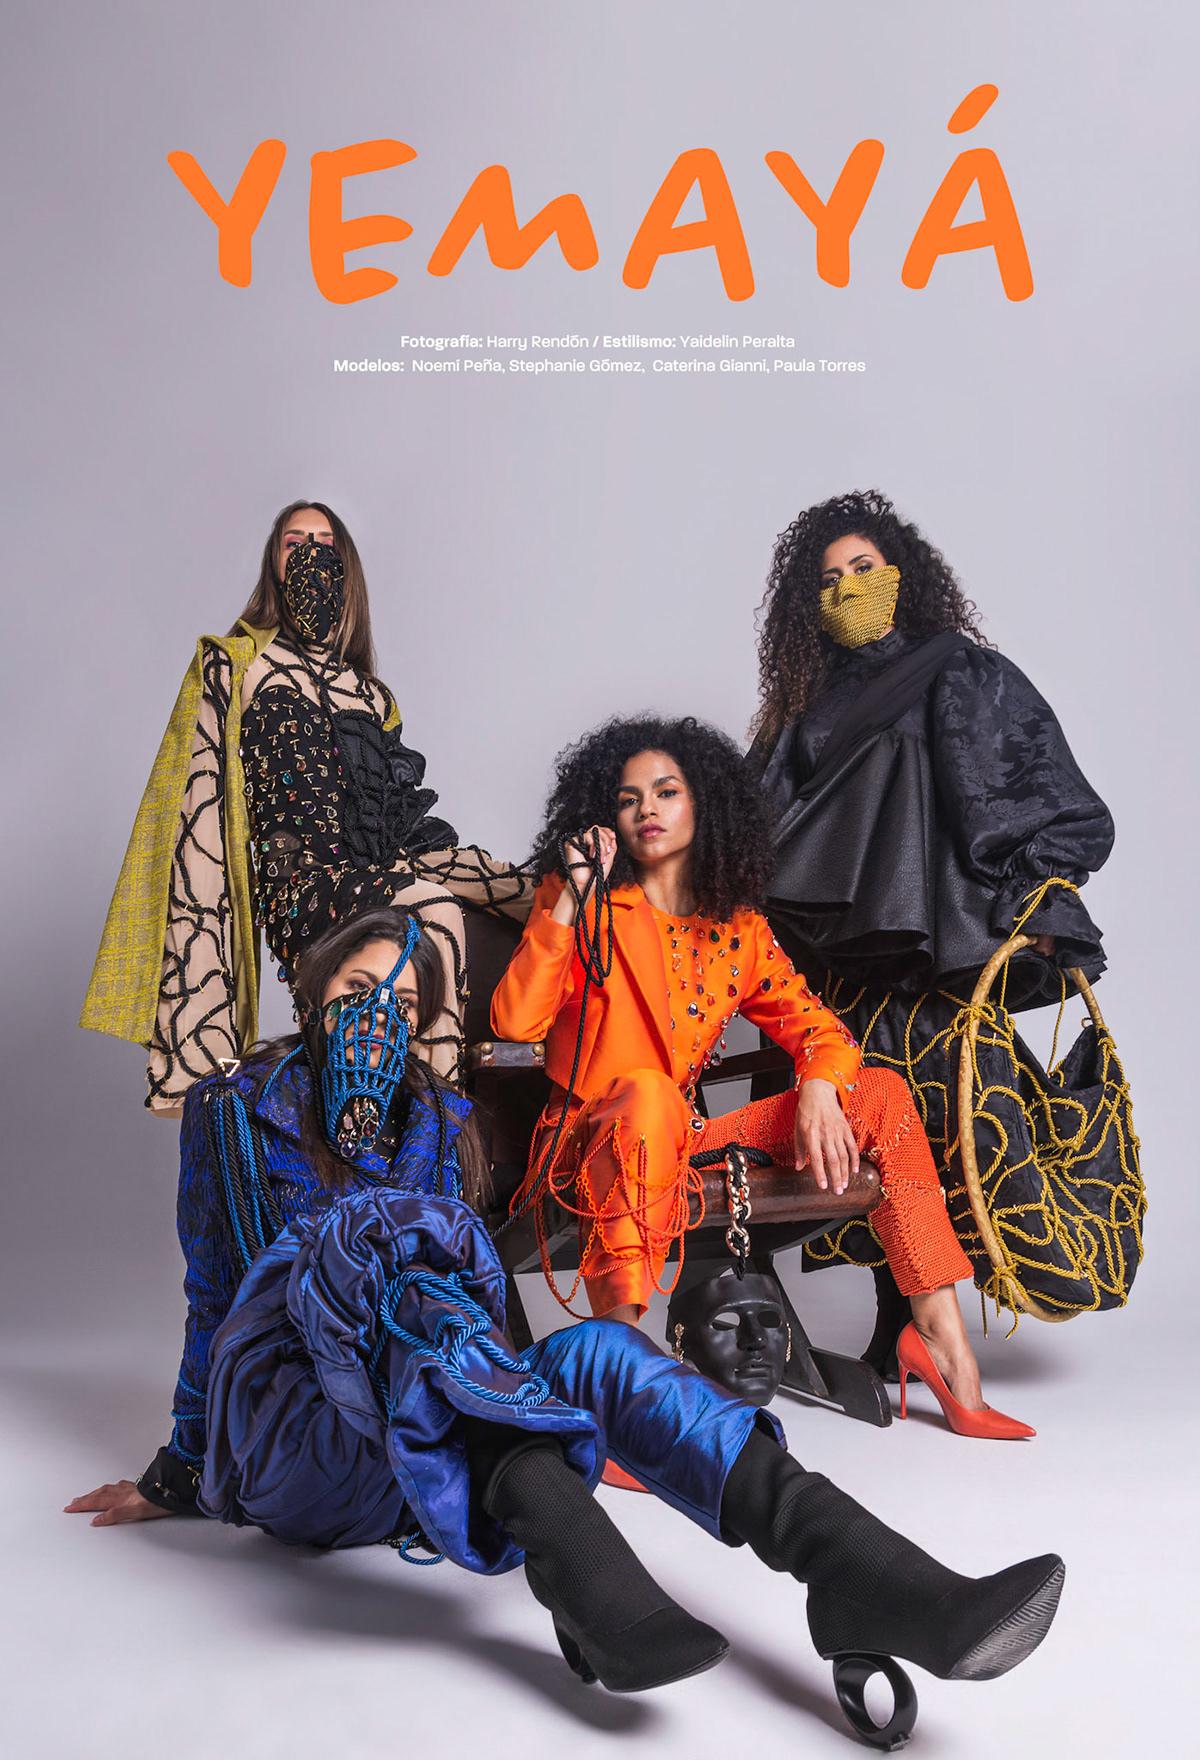 model test editorial moda Fashion  stylism portrait agency art